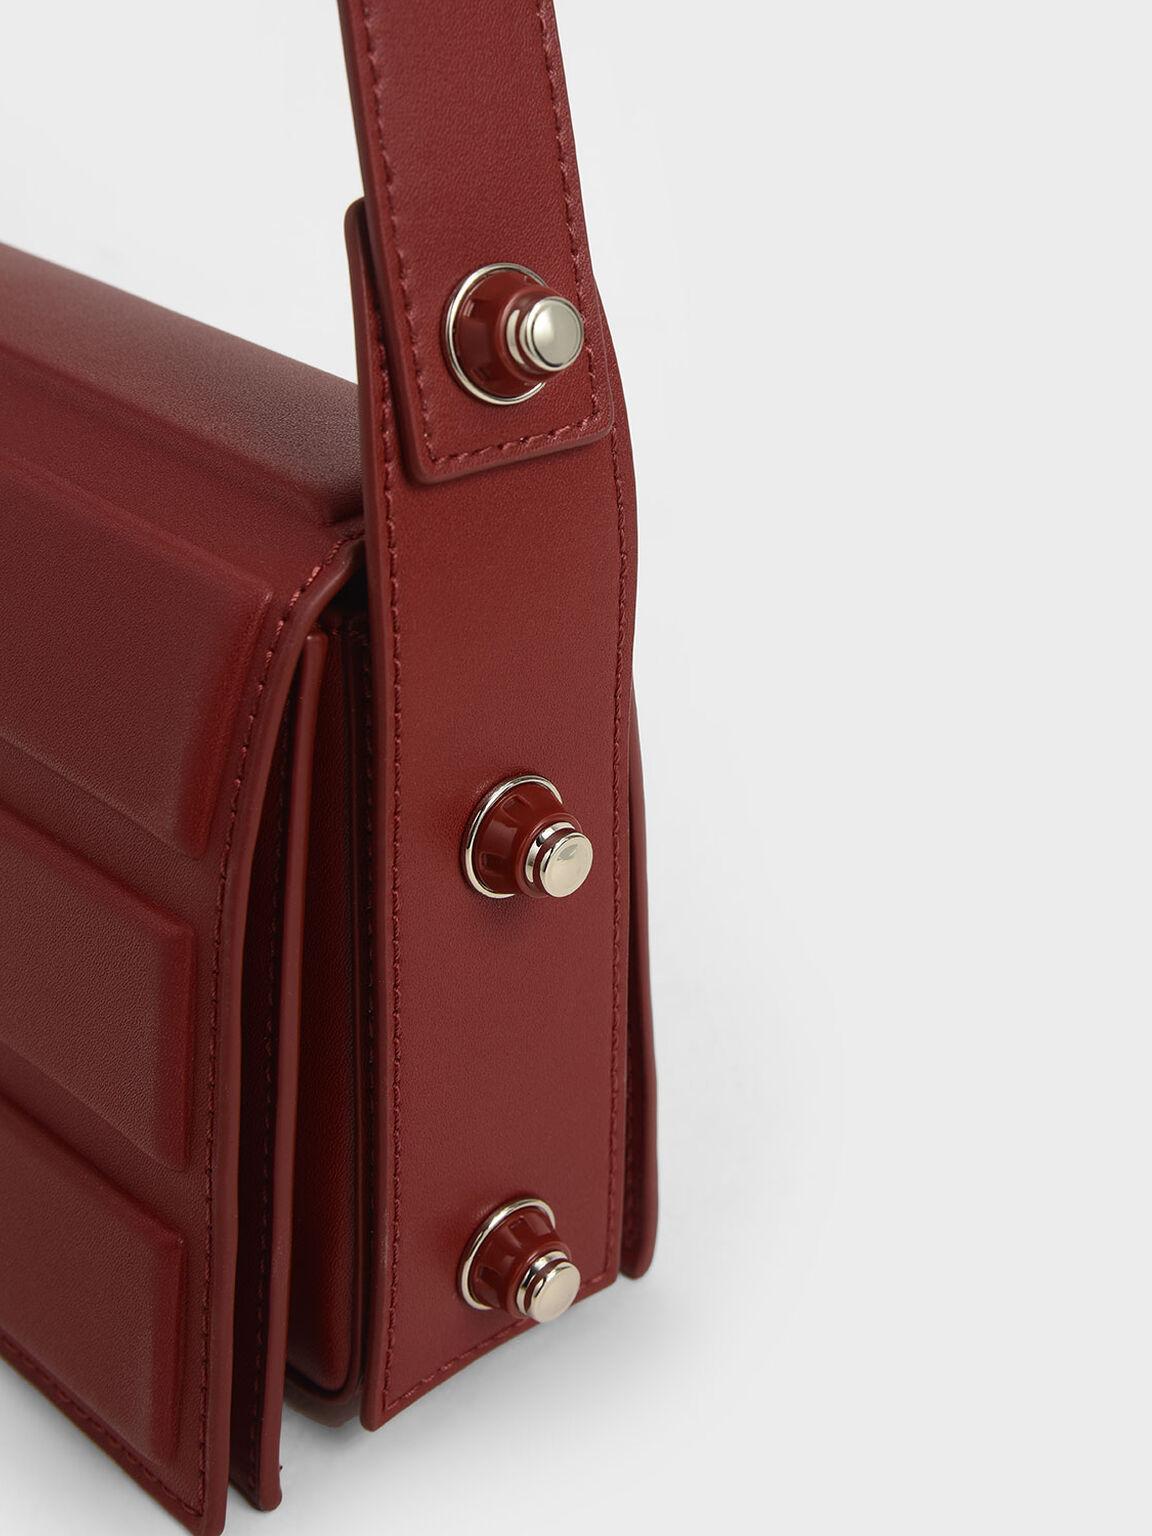 Eyelet-Embellished Top Handle Bag, Red, hi-res